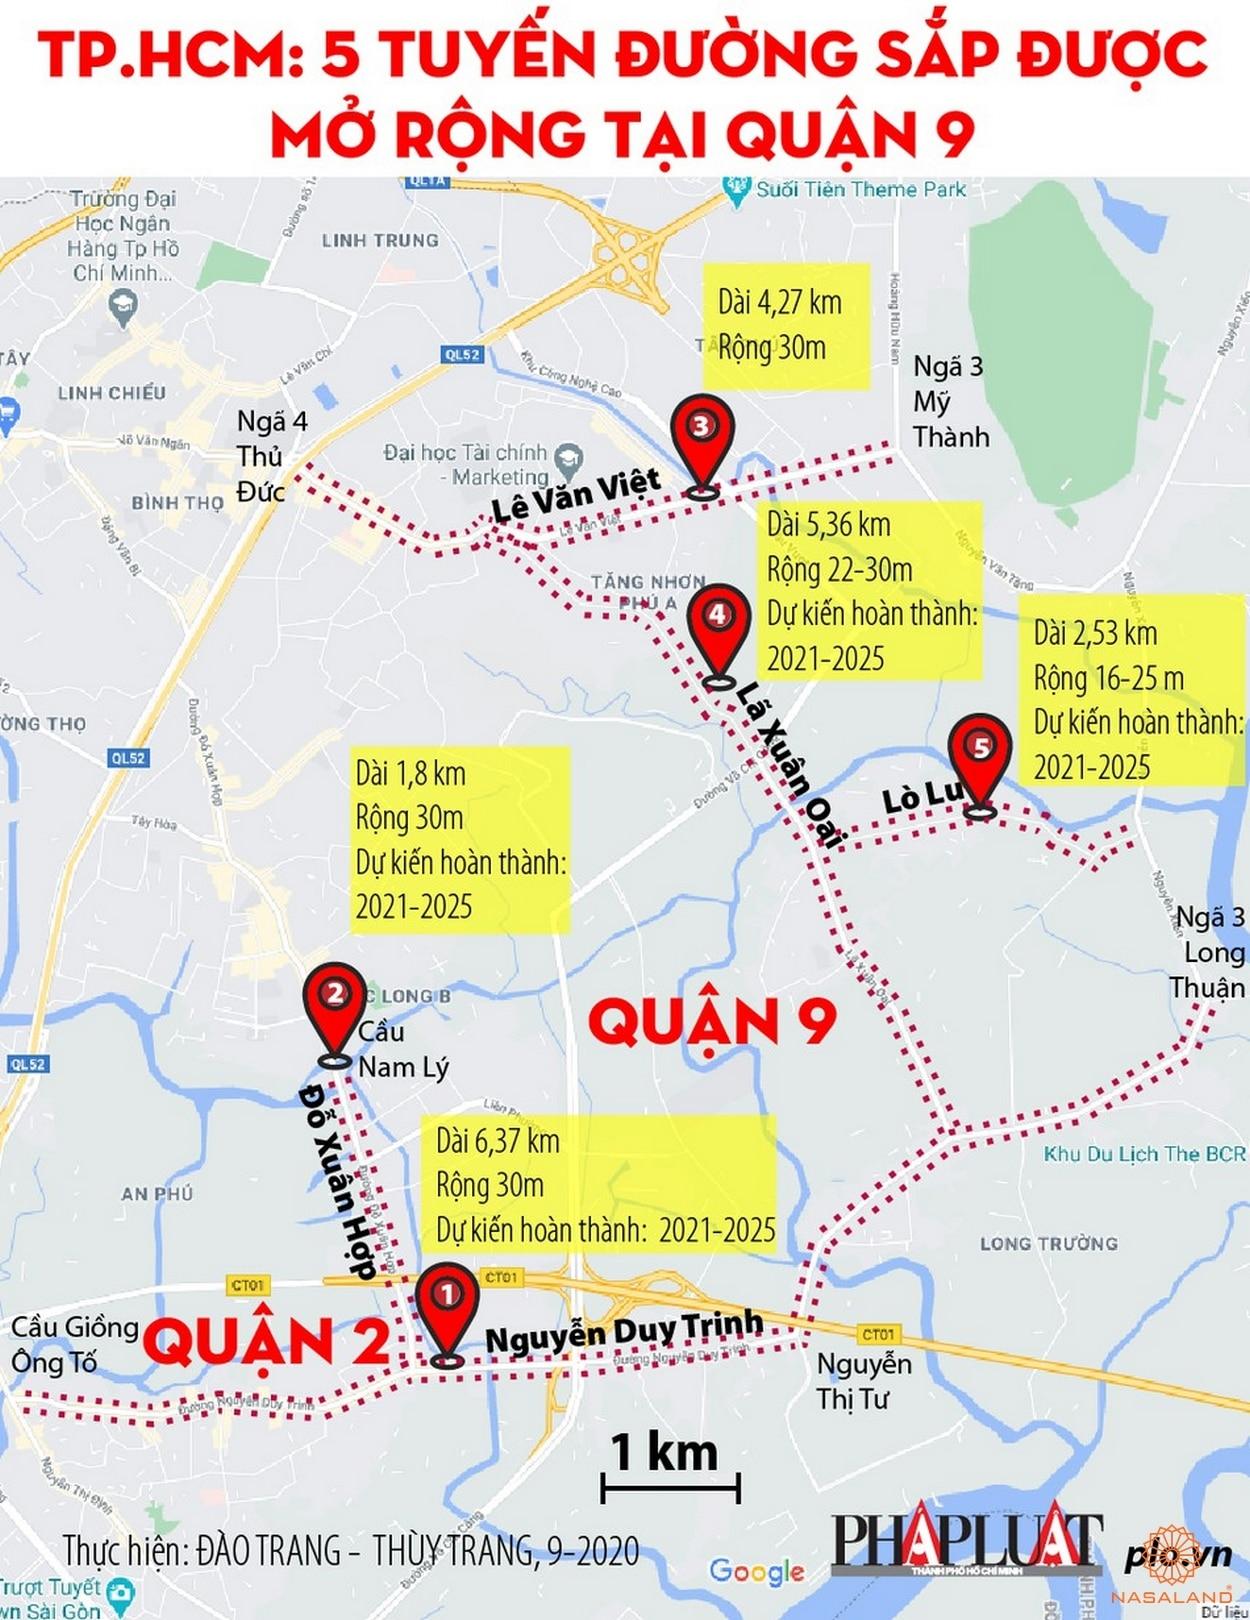 Bản đồ 5 tuyến đường sắp được mở rộng tại quận 9 (Nguồn: Internet)